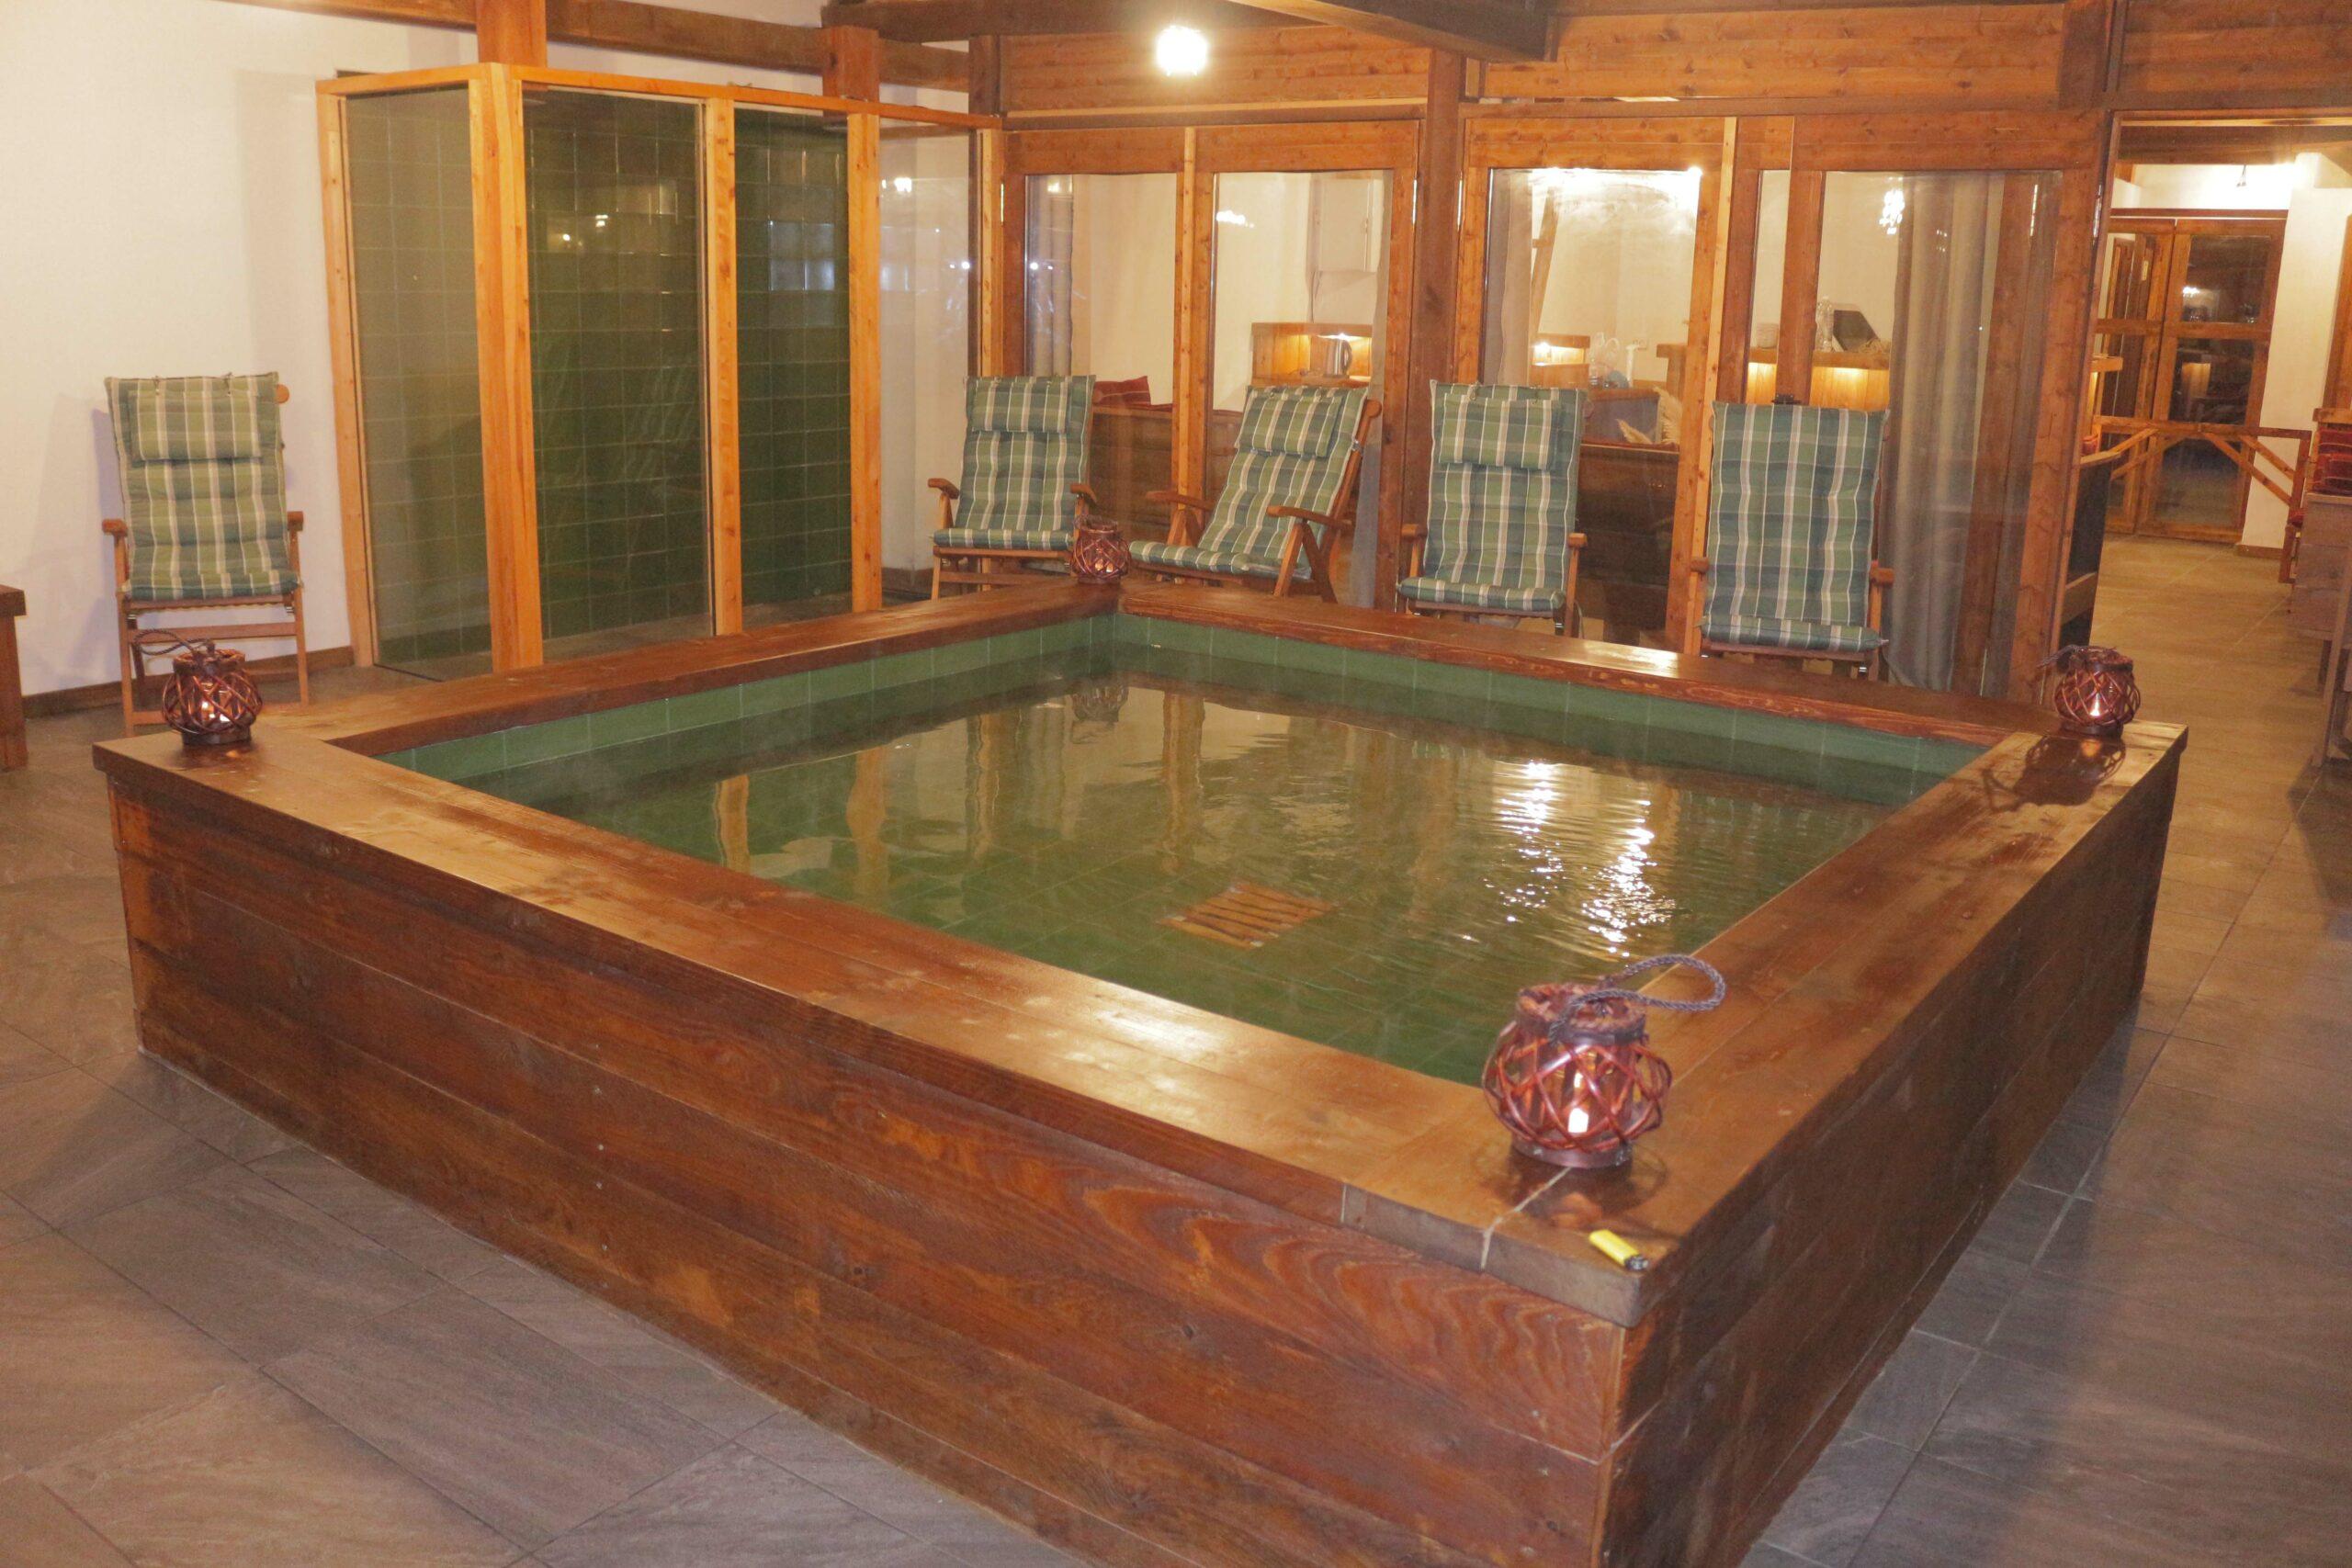 RELAX INSIDE HOT BATH